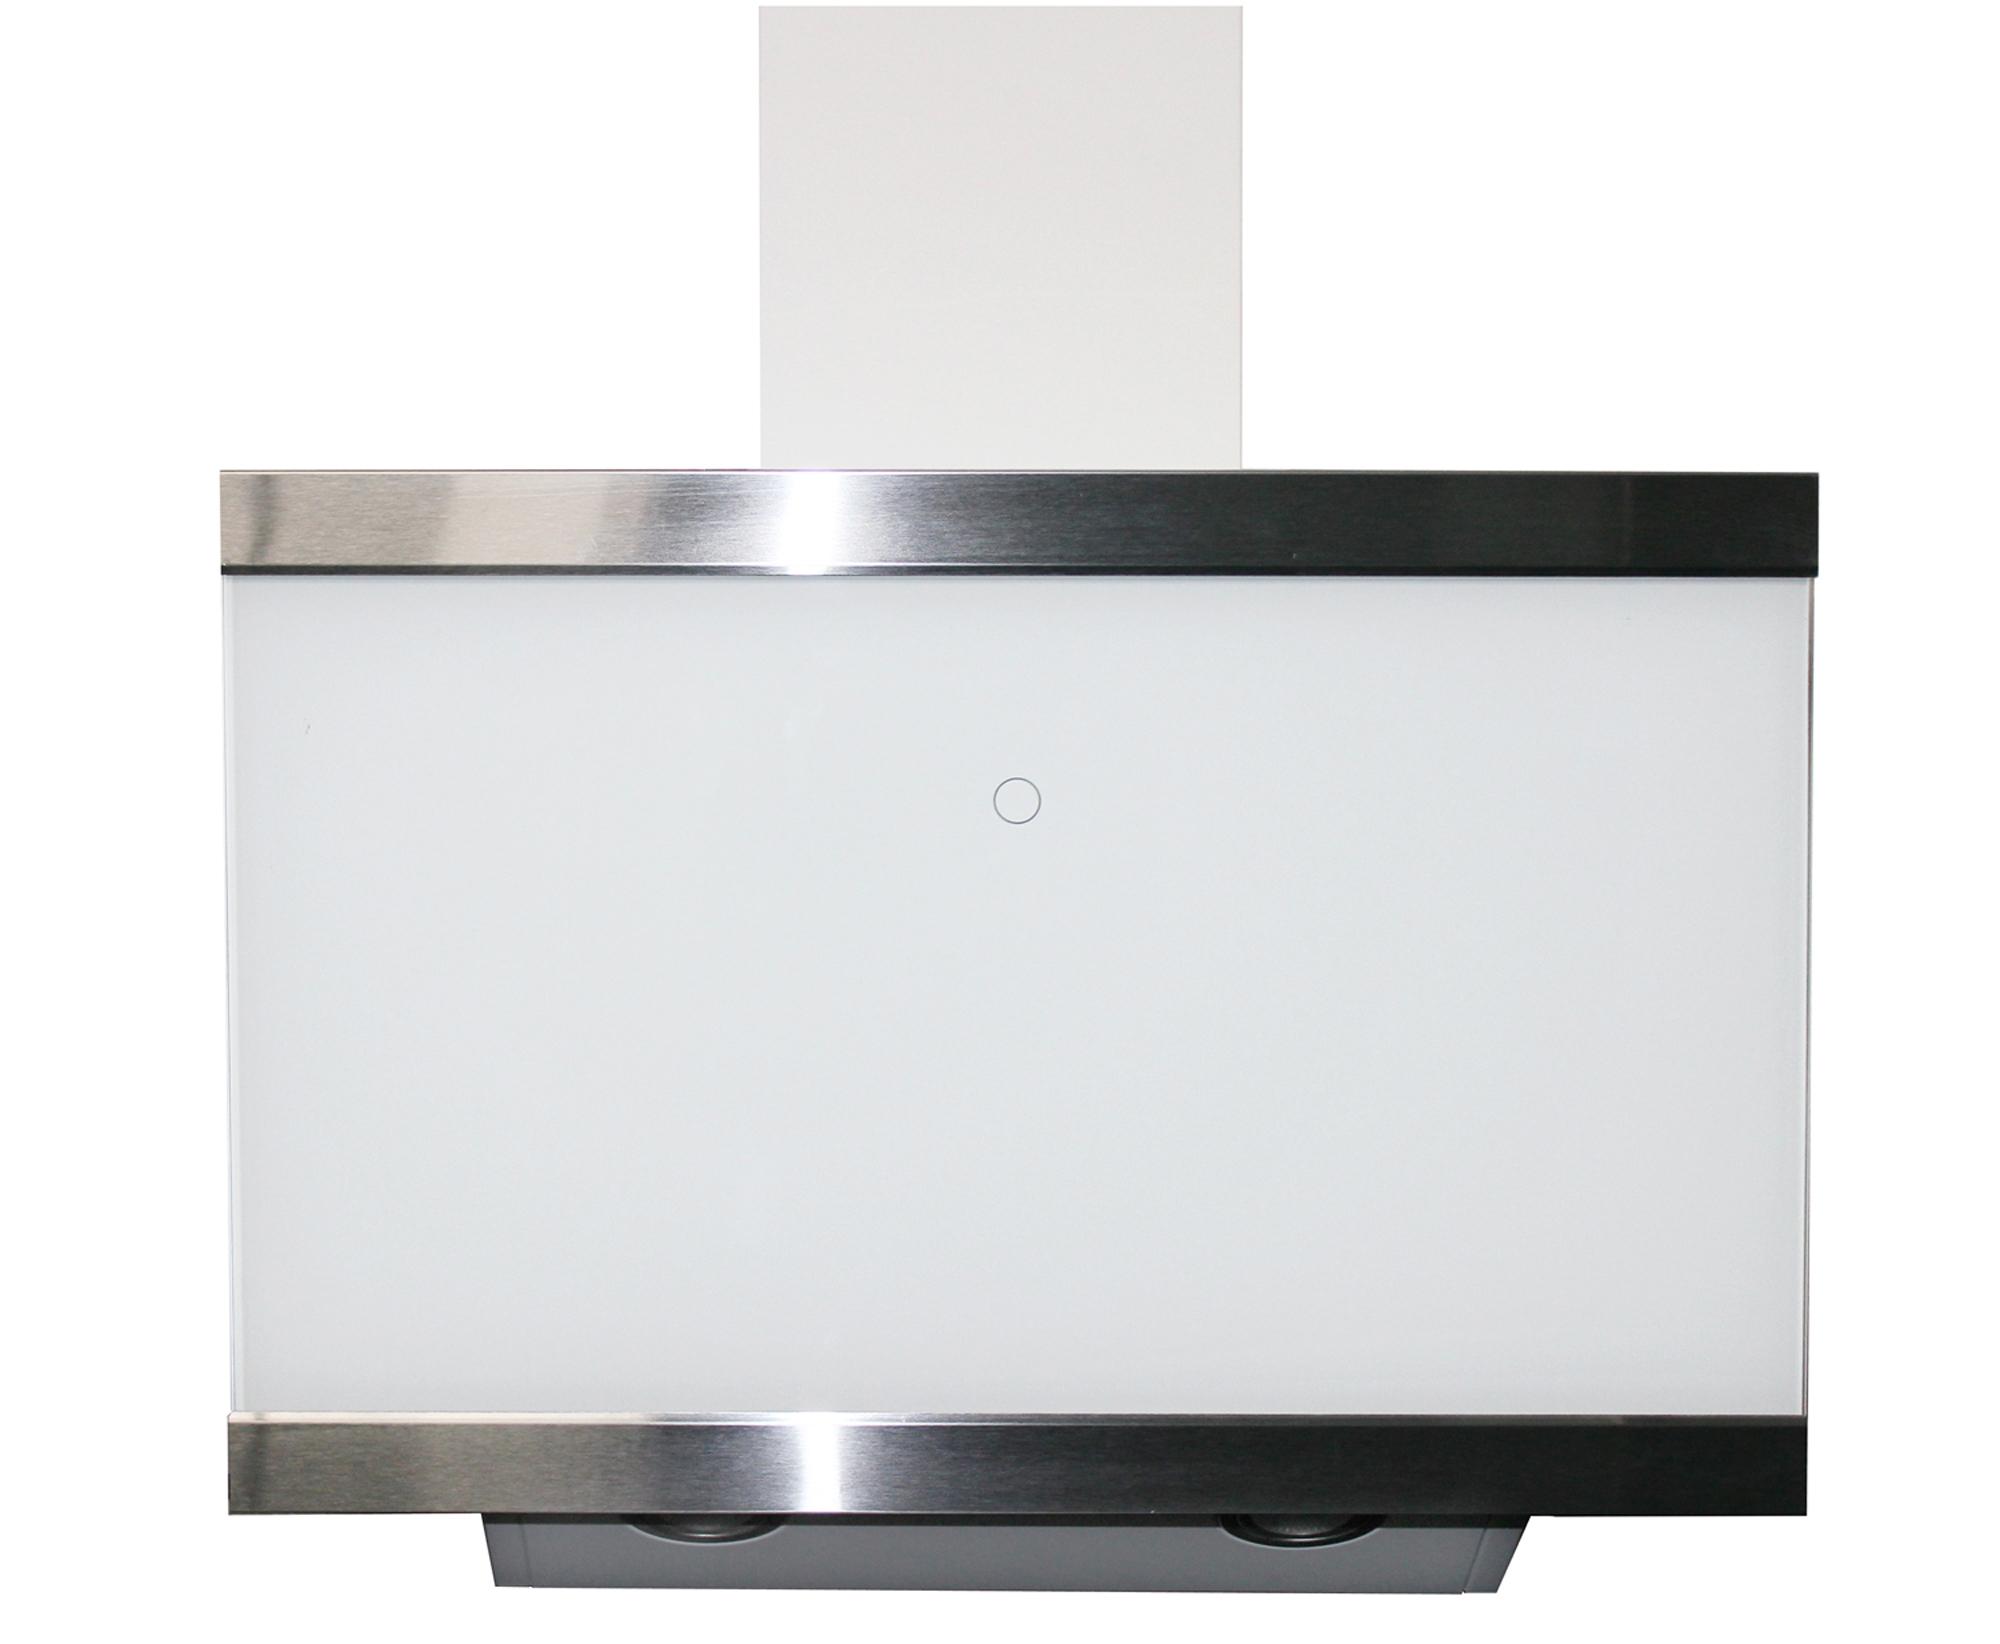 respekta schr ghaube dunstabzugshaube kopffrei glas 60 cm. Black Bedroom Furniture Sets. Home Design Ideas